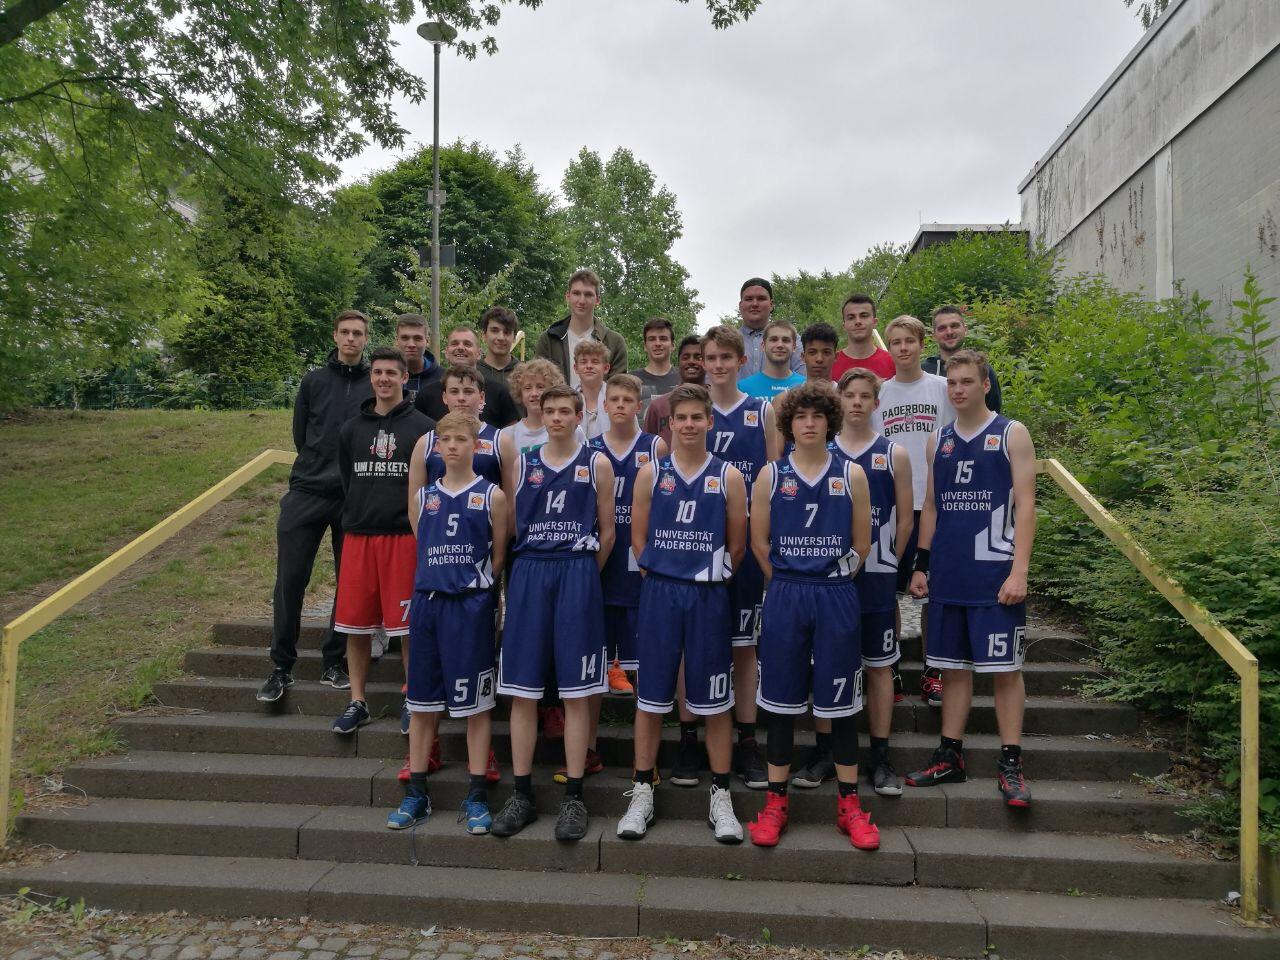 Die JBBL und NBBL waren bei den Ruhr Games im Einsatz.